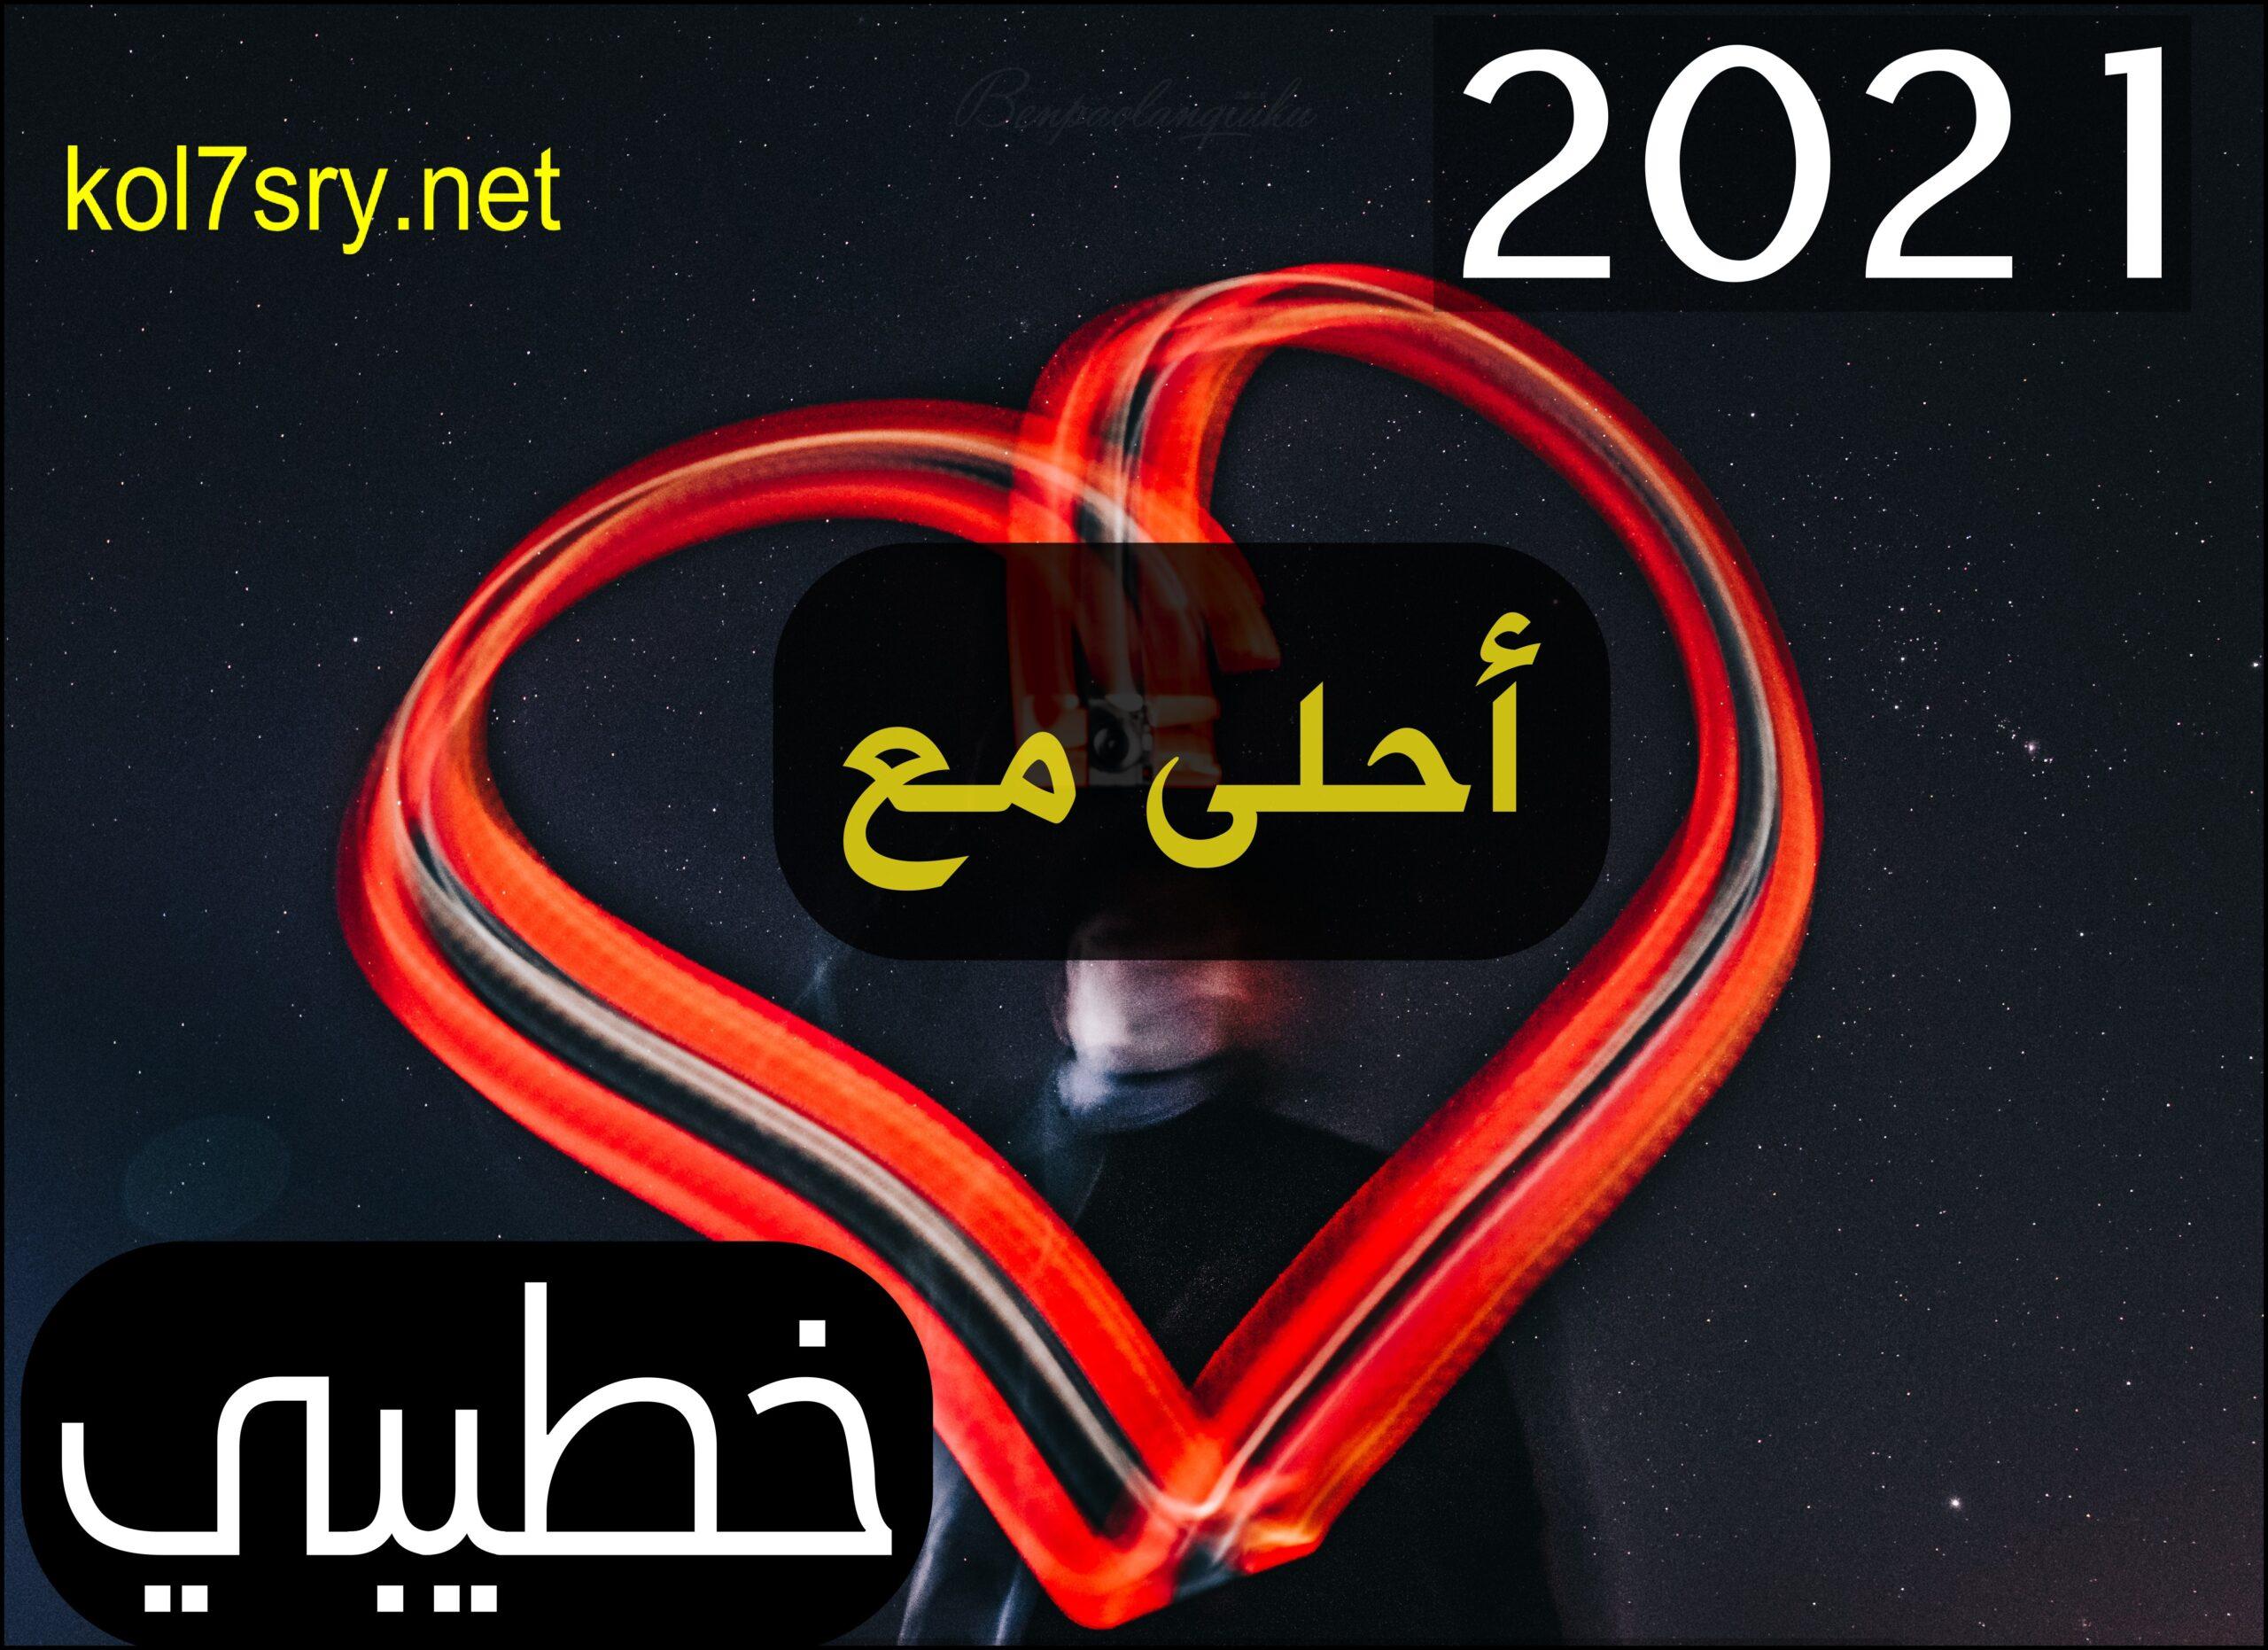 2021 أحلى مع اسمك أجمل 40 صورة HD لعام 2021 احلى مع مجانا اطلب التصميم بالتعليقات 9